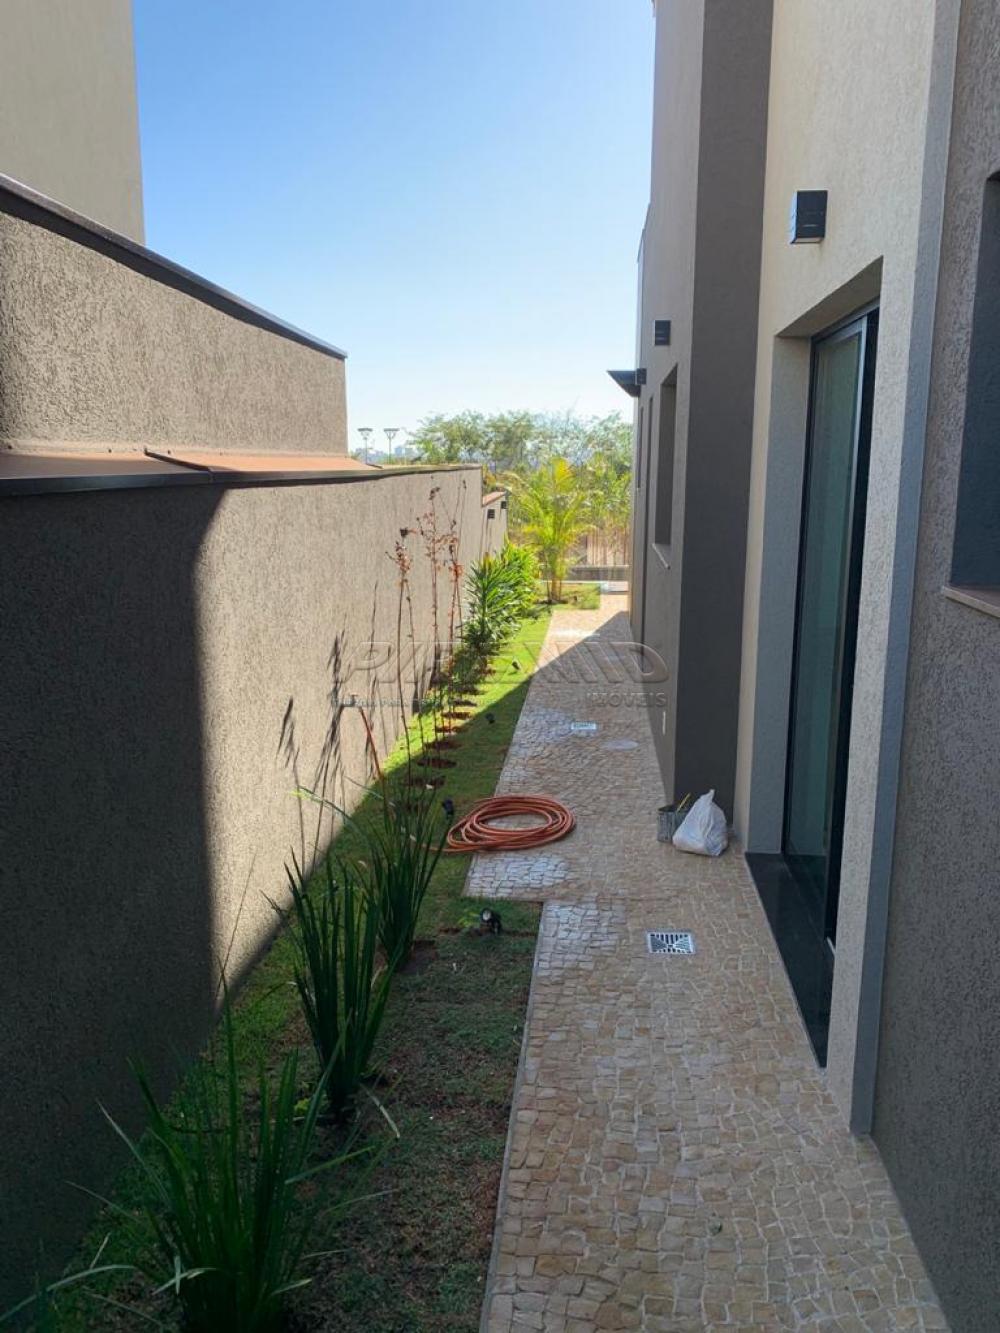 Comprar Casa / Condomínio em Bonfim Paulista R$ 2.500.000,00 - Foto 41